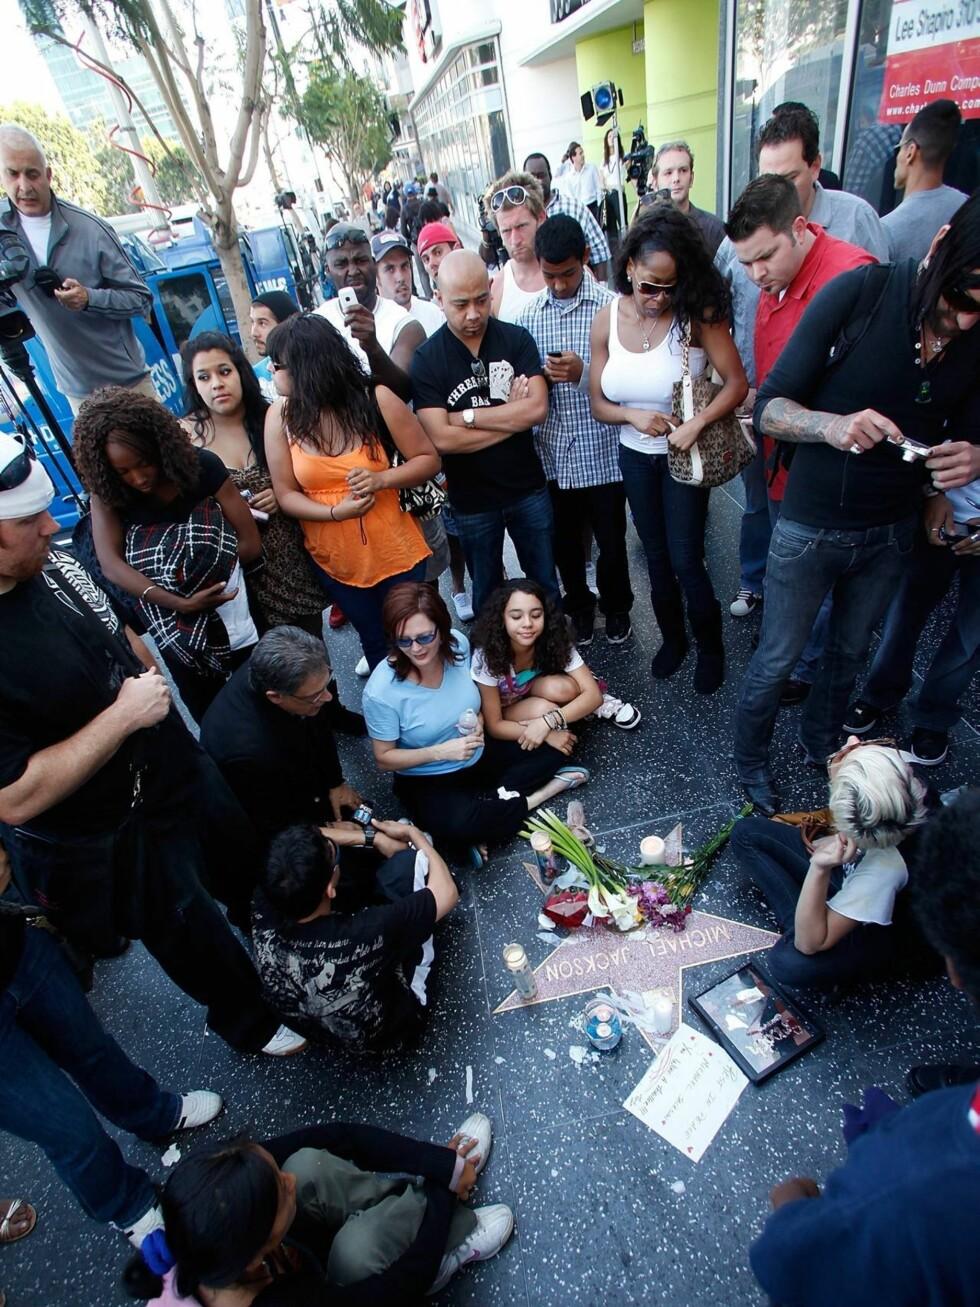 SAMLET SEG RUNDT STJERNEN: Fans søker sammen i sorgen over Michael Jacksons bortgang. Her er mange samlet rundt popkongens stjerne på Hollywood Walk of Fame. Foto: All Over Press